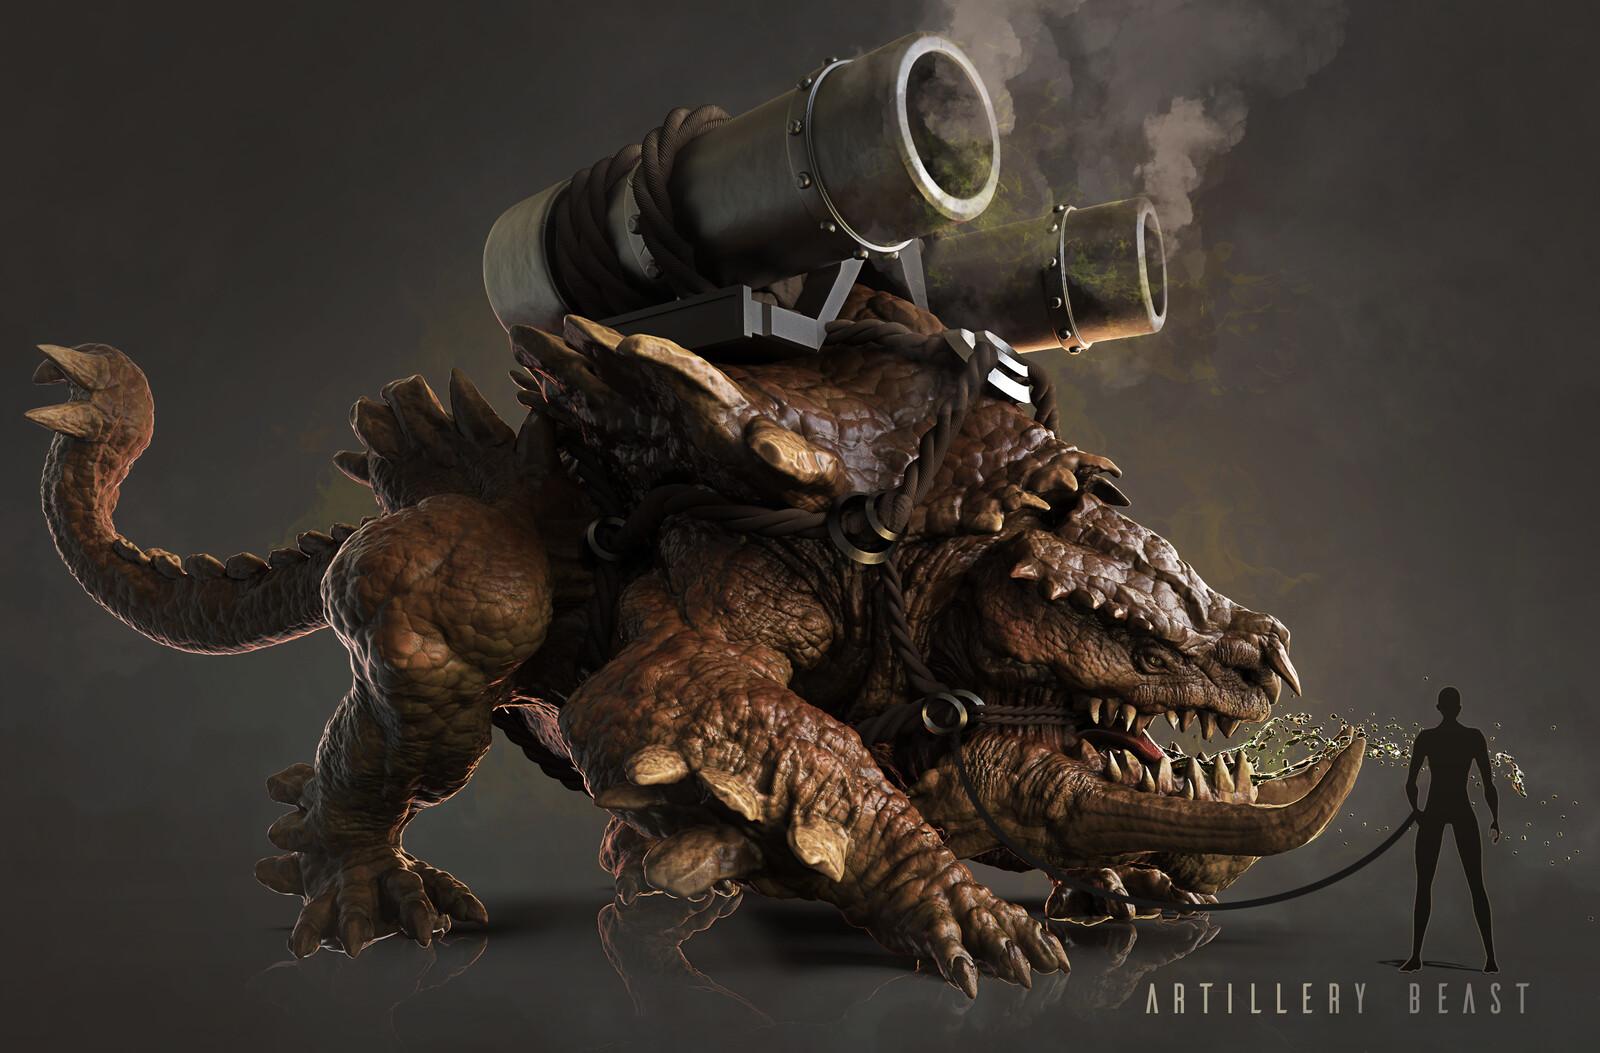 Artillery Beast